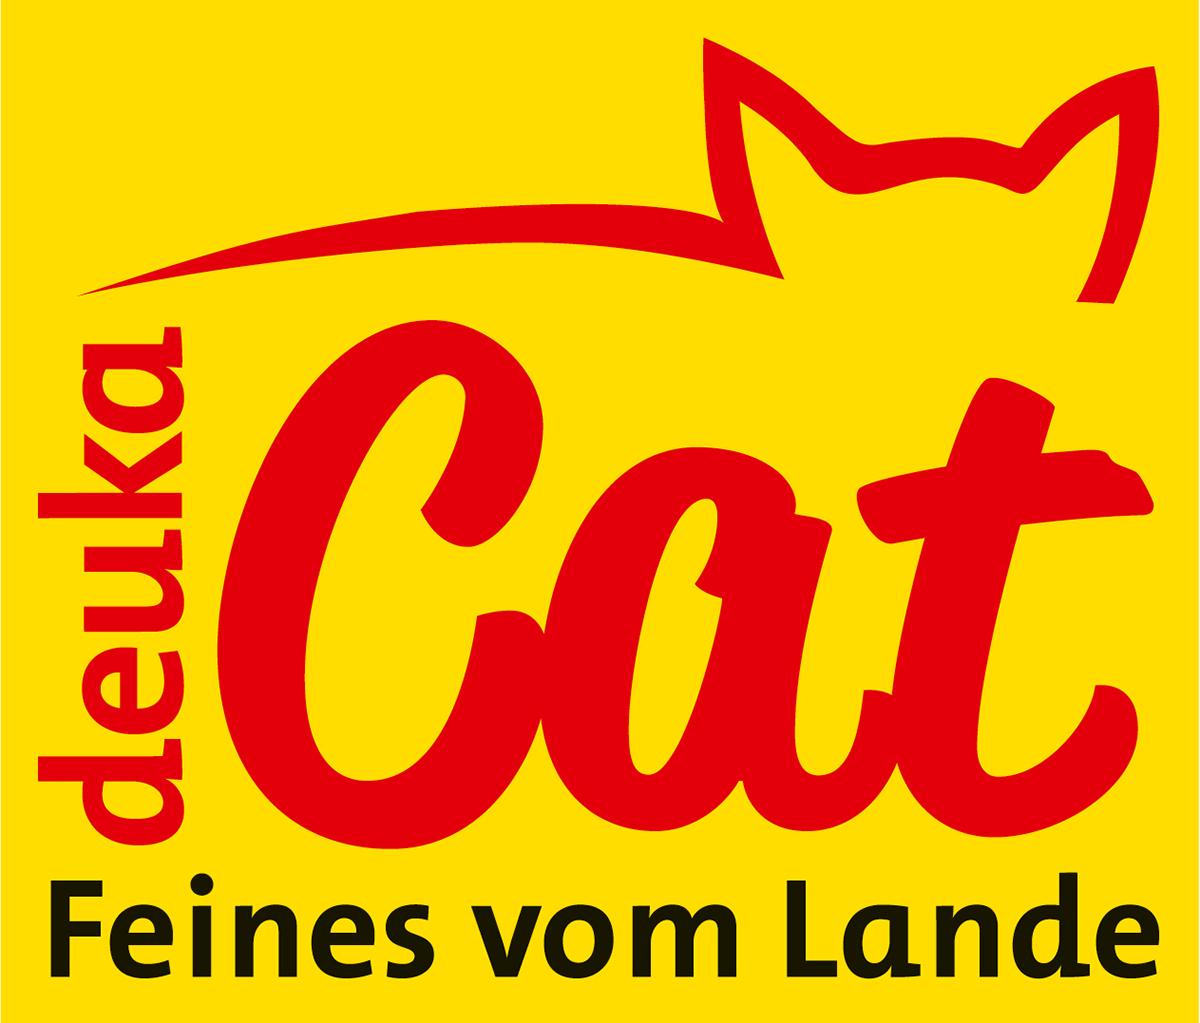 deuka Cat